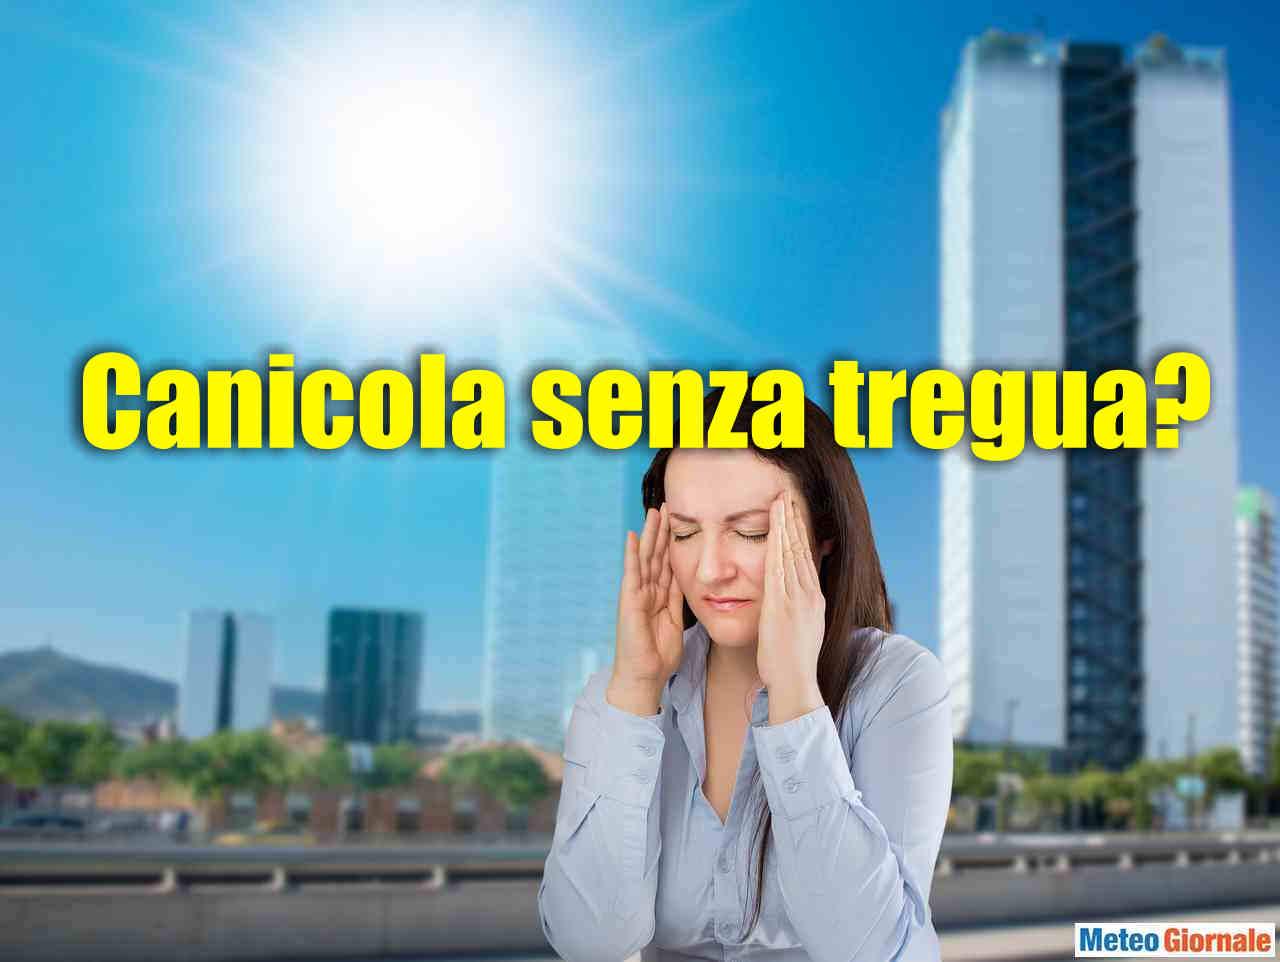 canicola senza tregua - CANICOLA senza tregua? NO, novità già da Luglio, poi Agosto...